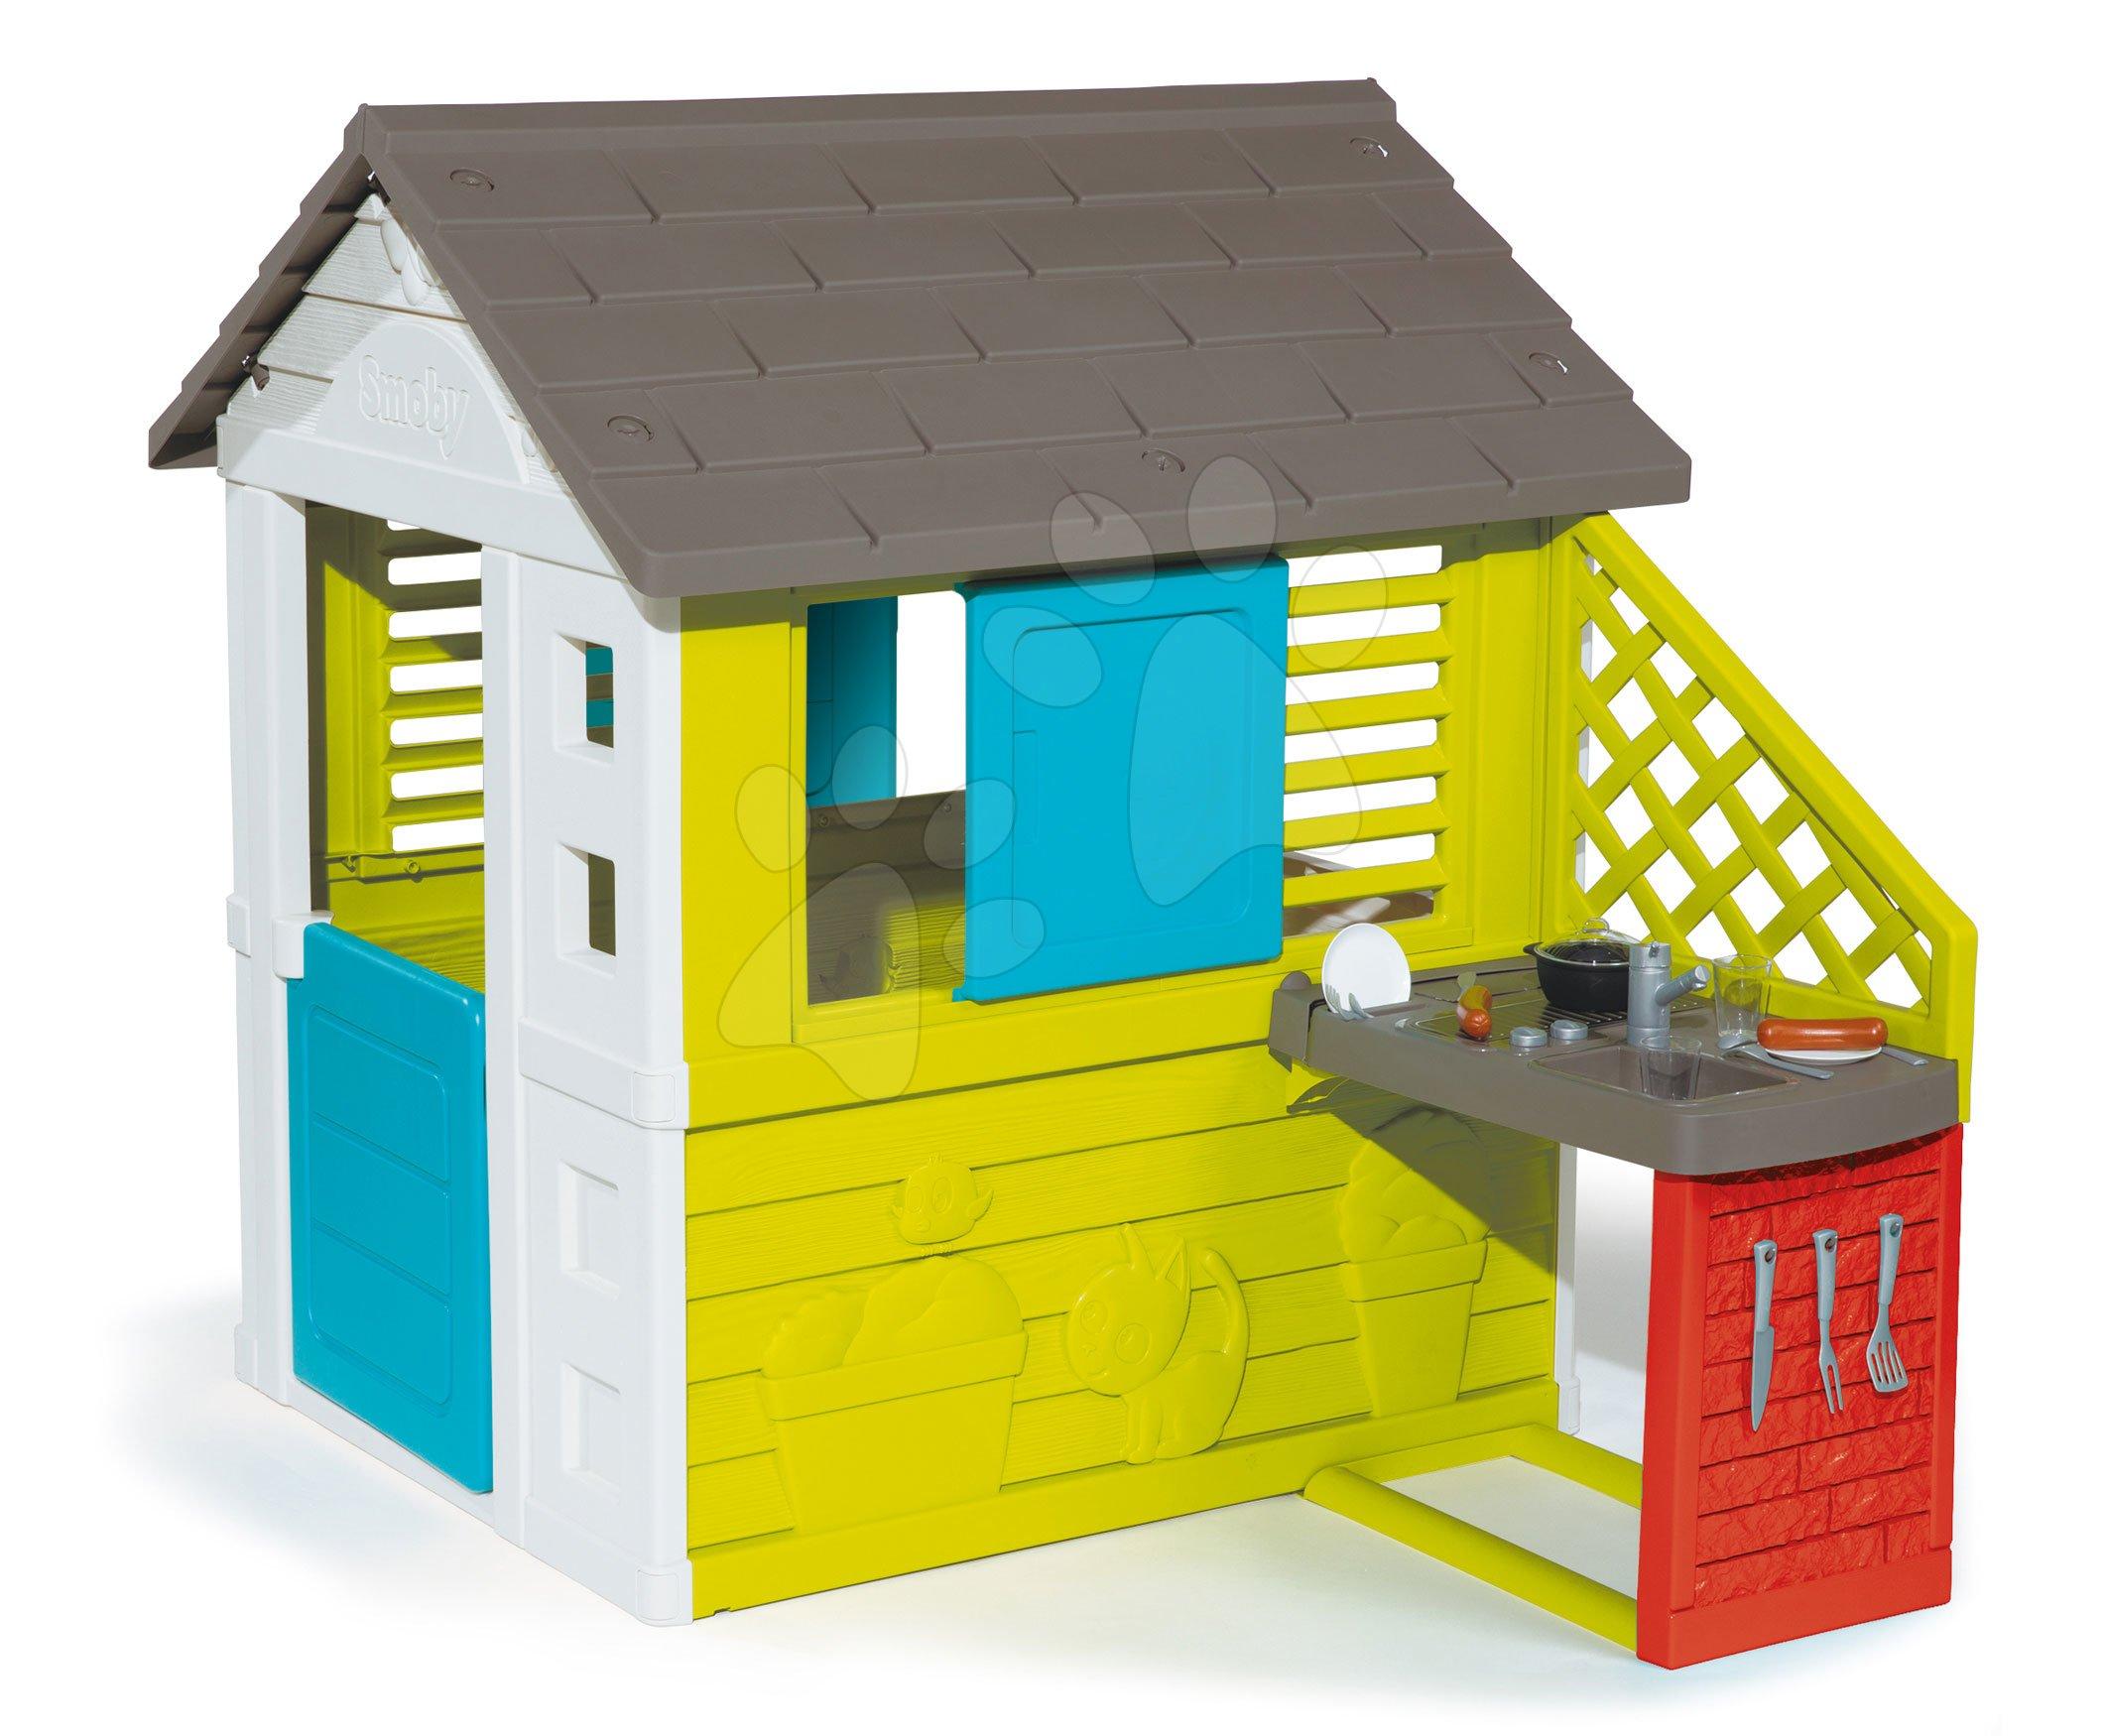 Domček s kuchynkou Pretty Blue Smoby modro-zelený 3 okná s 2 žalúziami a 2 posuvné okenice s UV filtrom a 17 doplnkov od 2 rokov